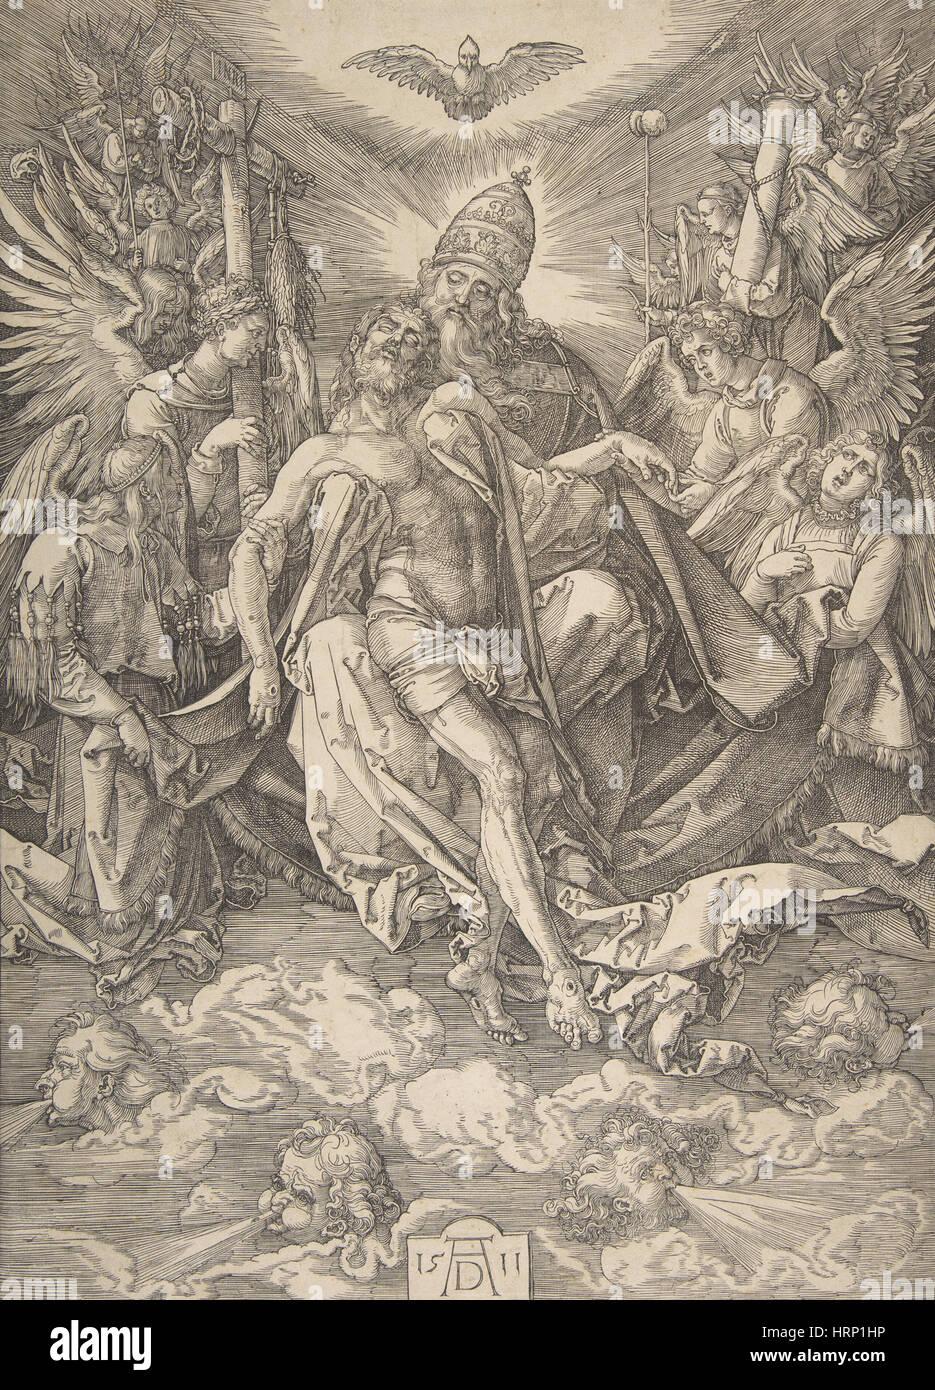 Die Heilige Dreifaltigkeit von Albrecht DÌ_rer Stockbild